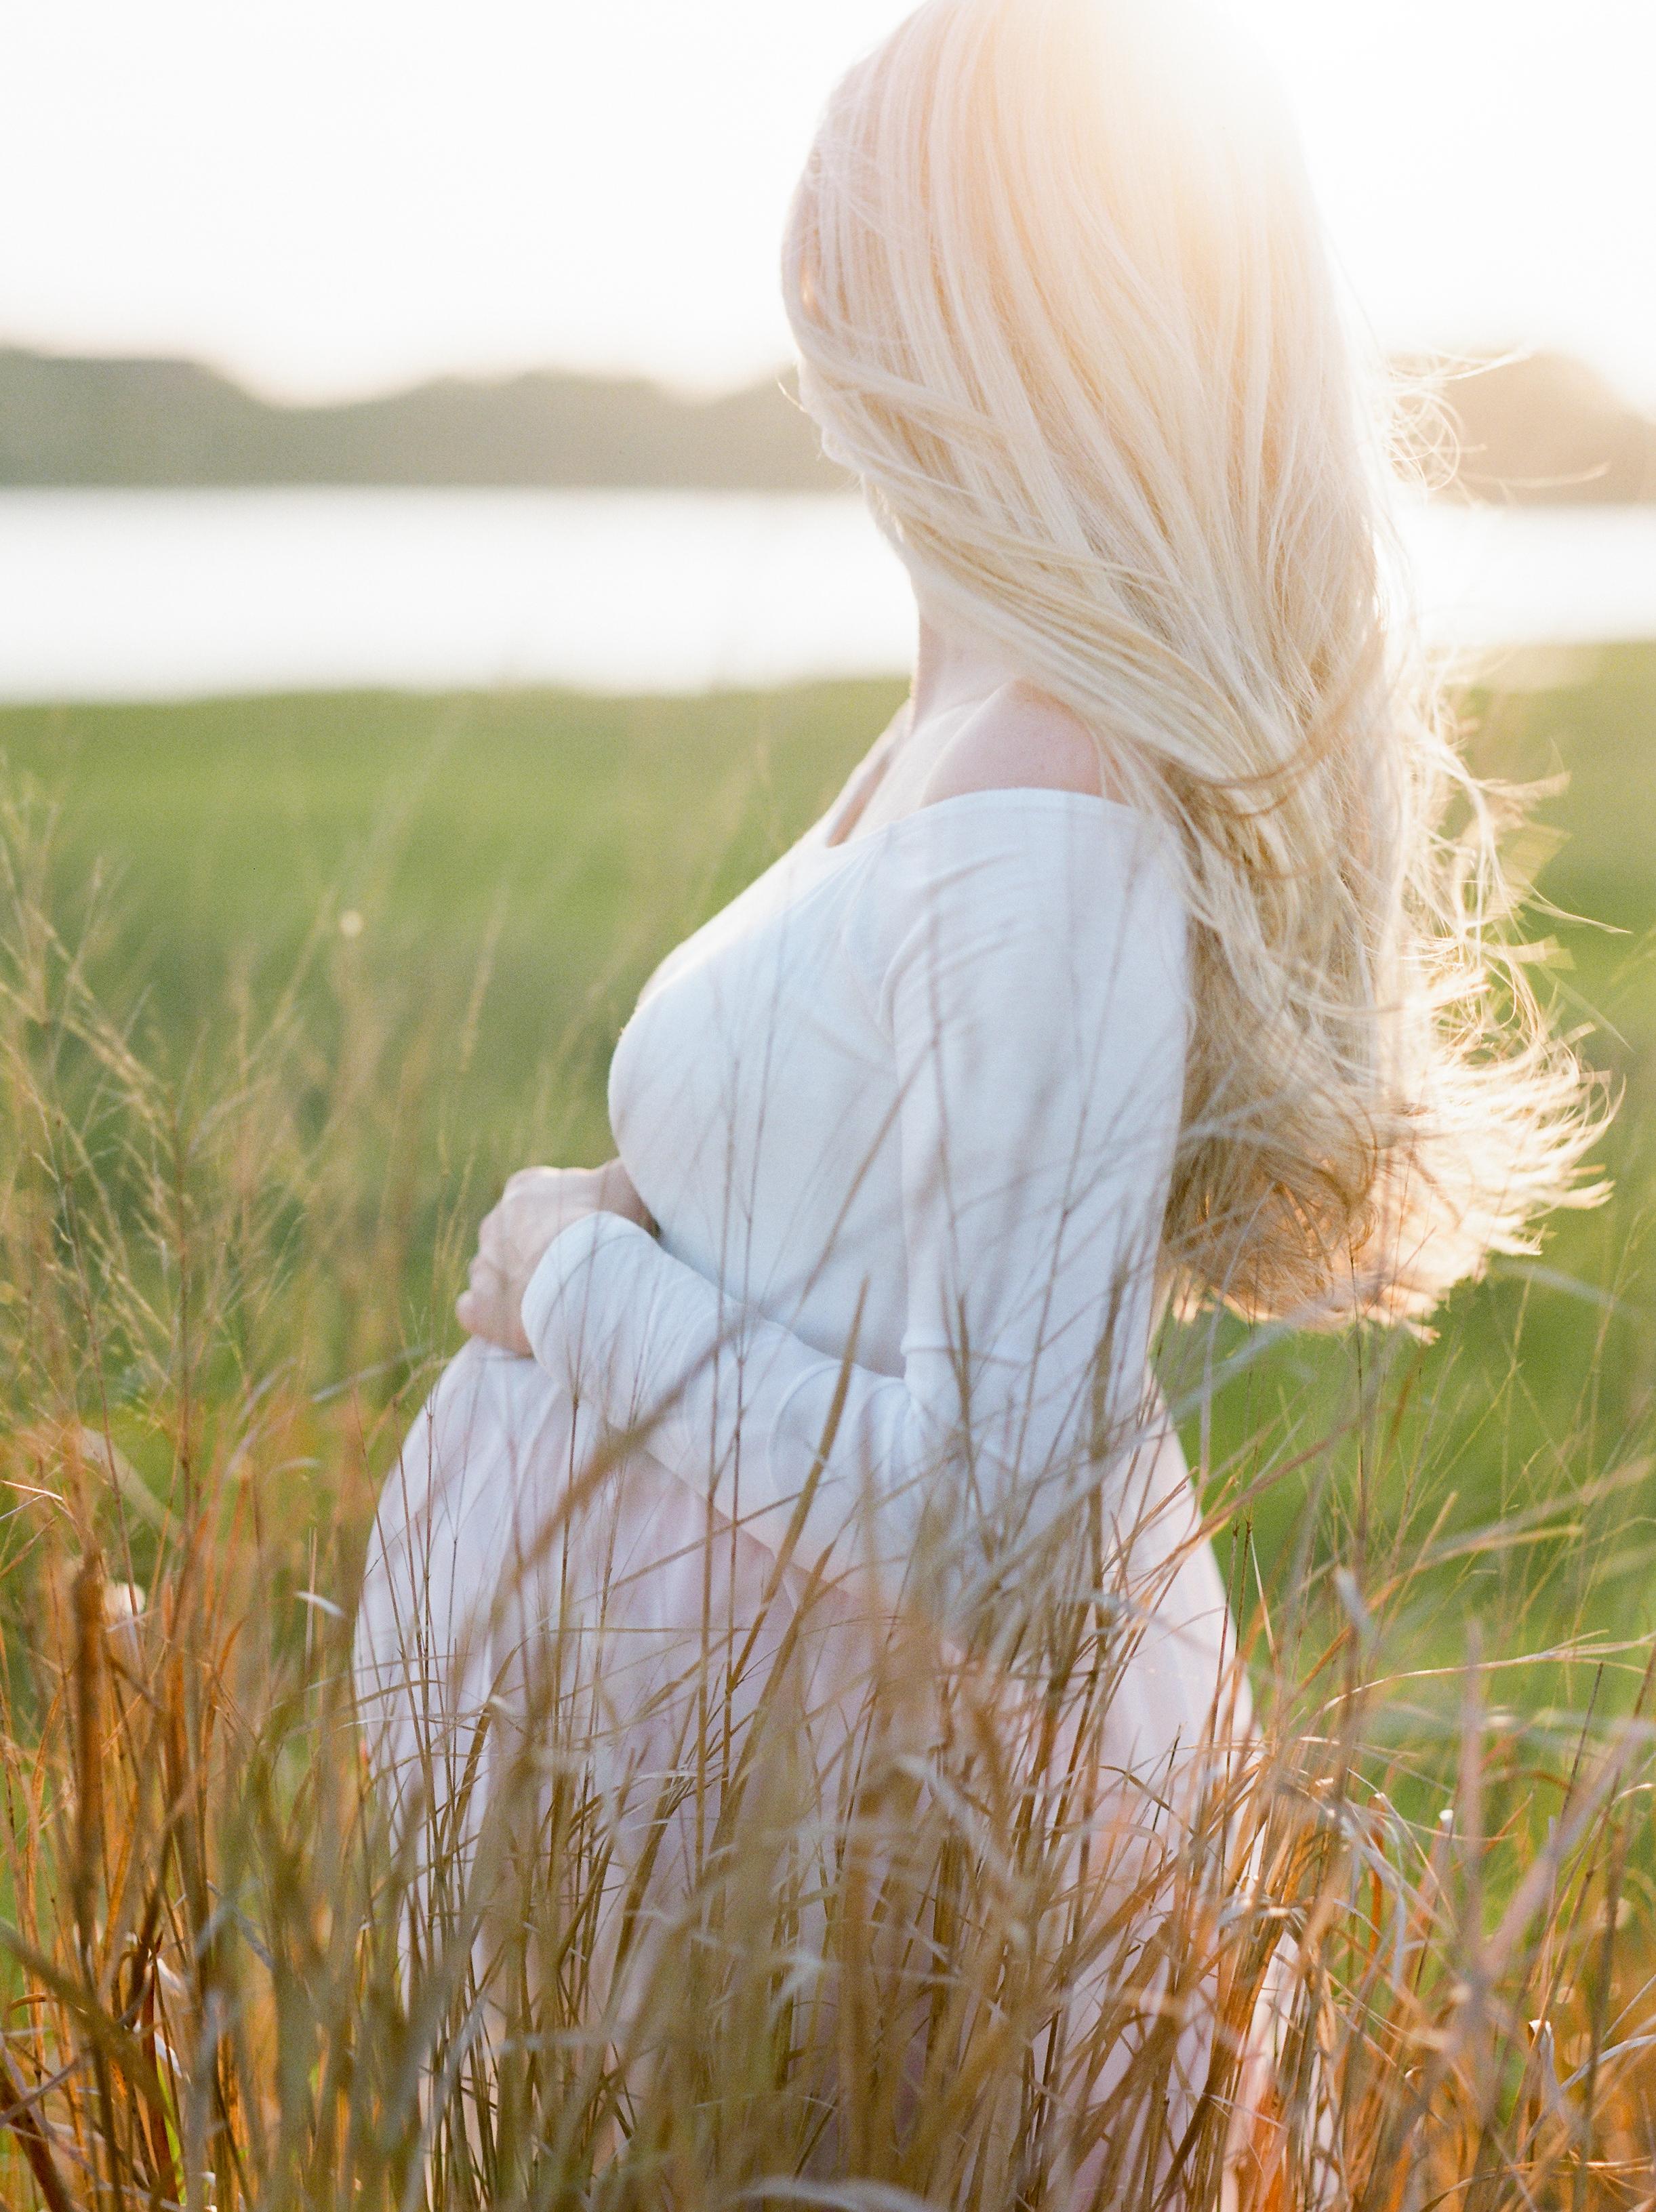 olya_vitulli_photography_martyna_maternity-1-18.jpg